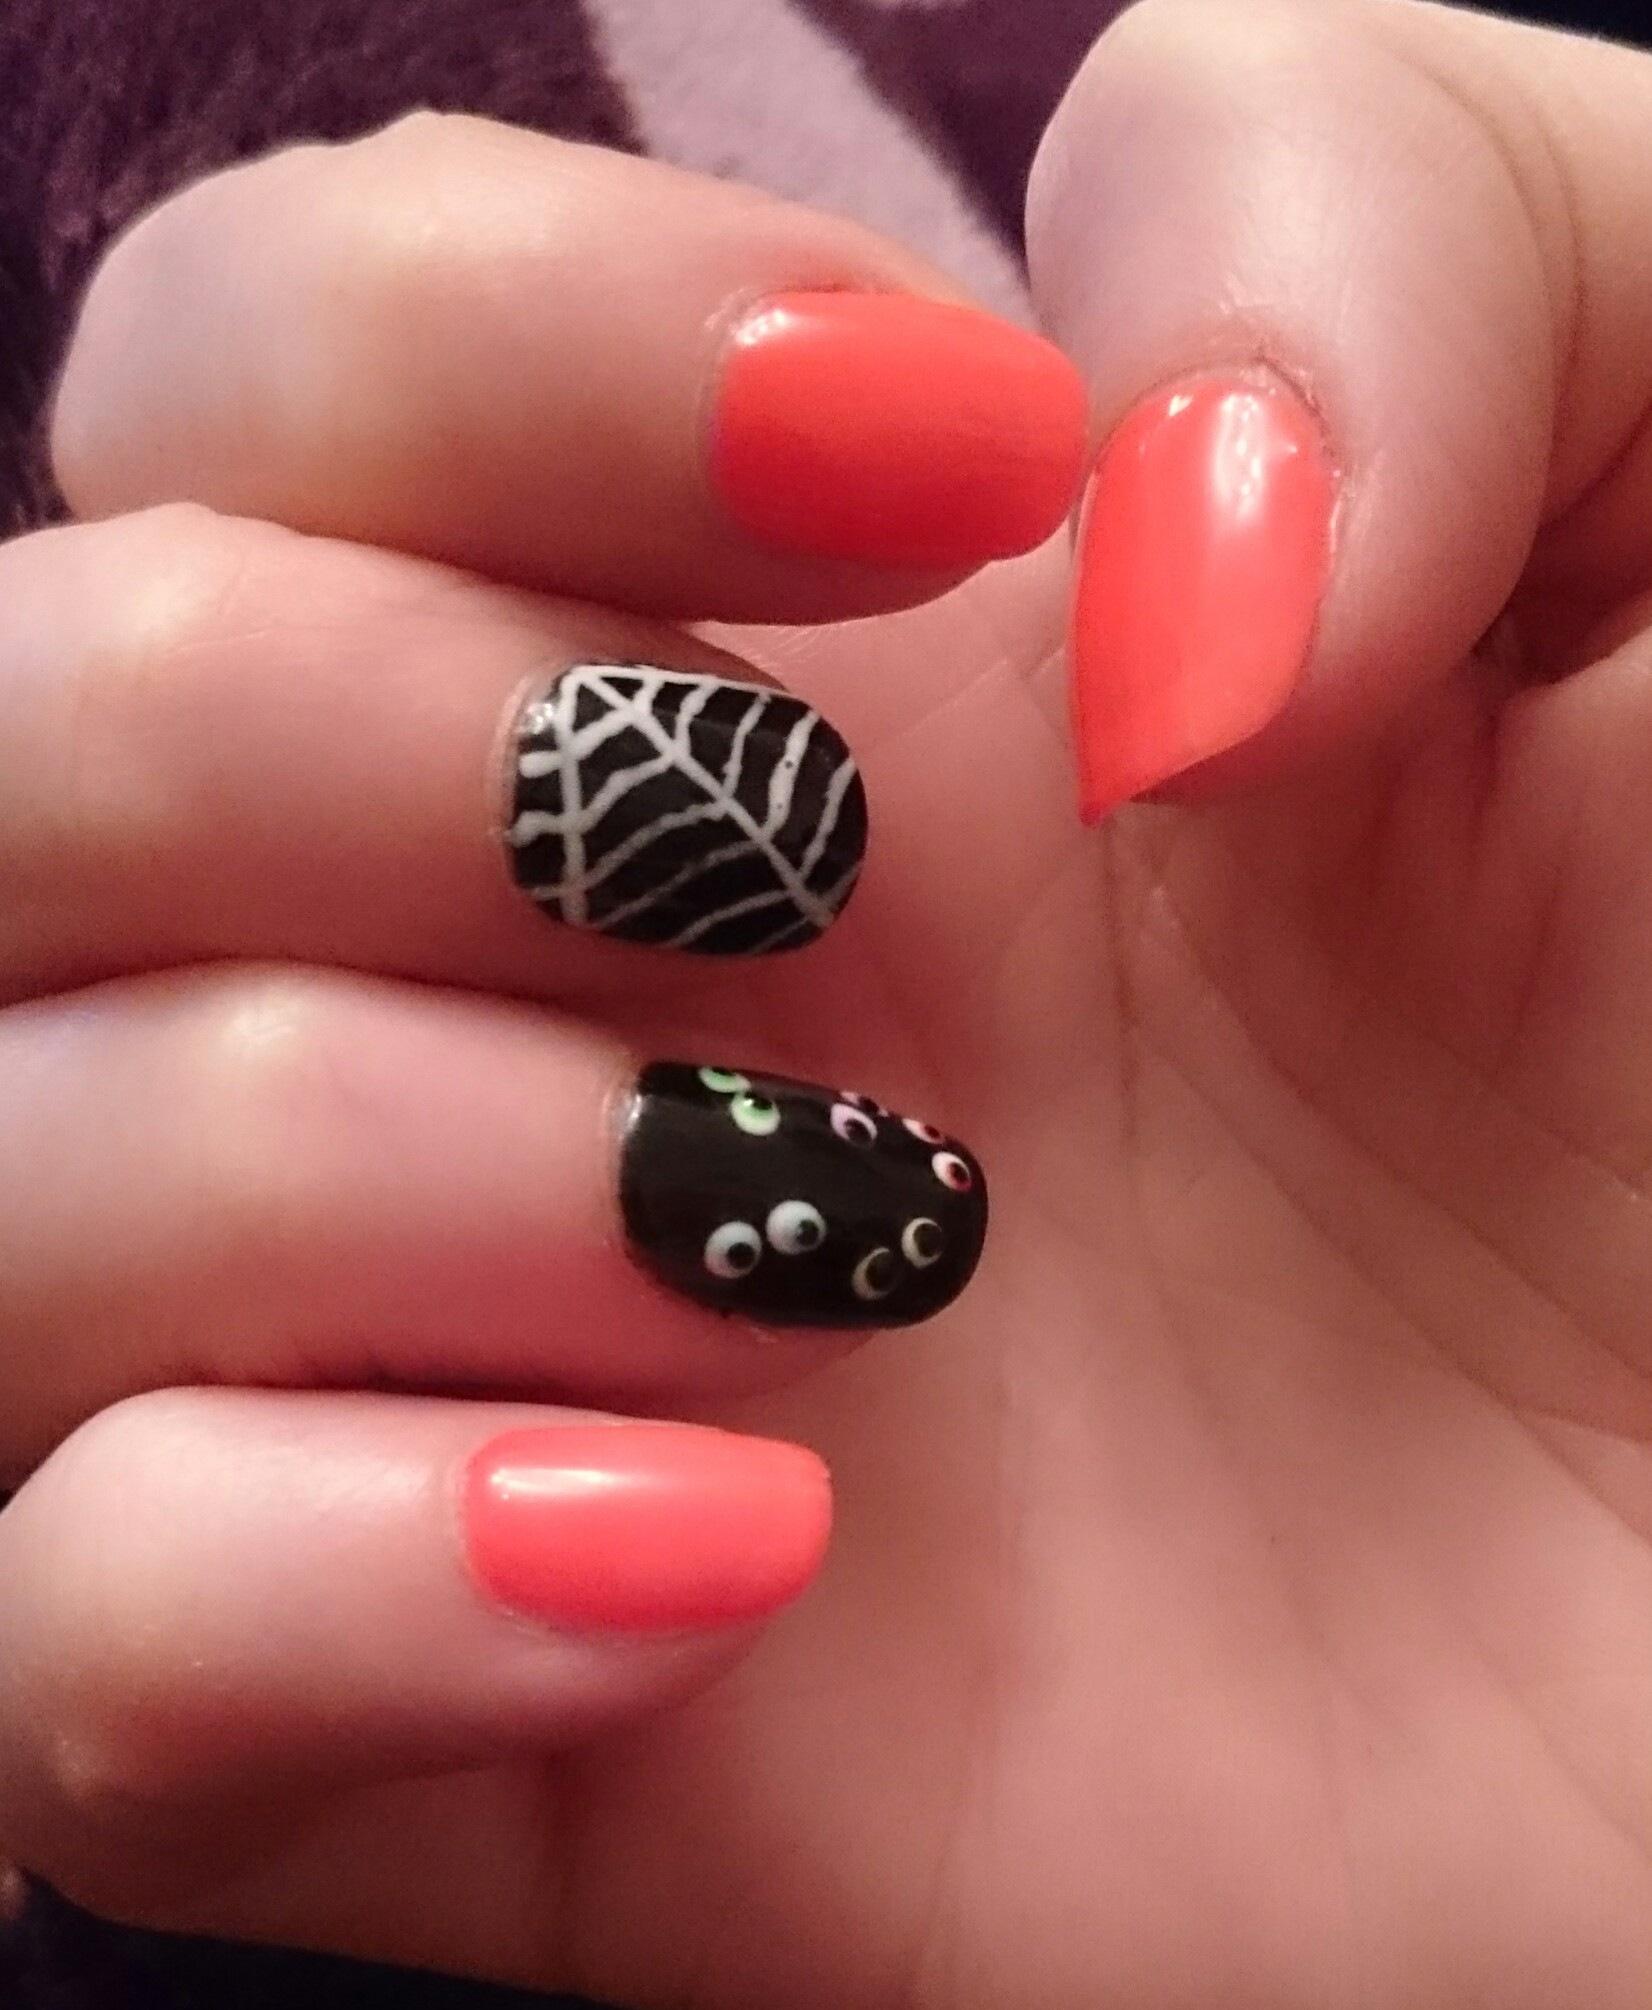 fun nails  by adzamrx3